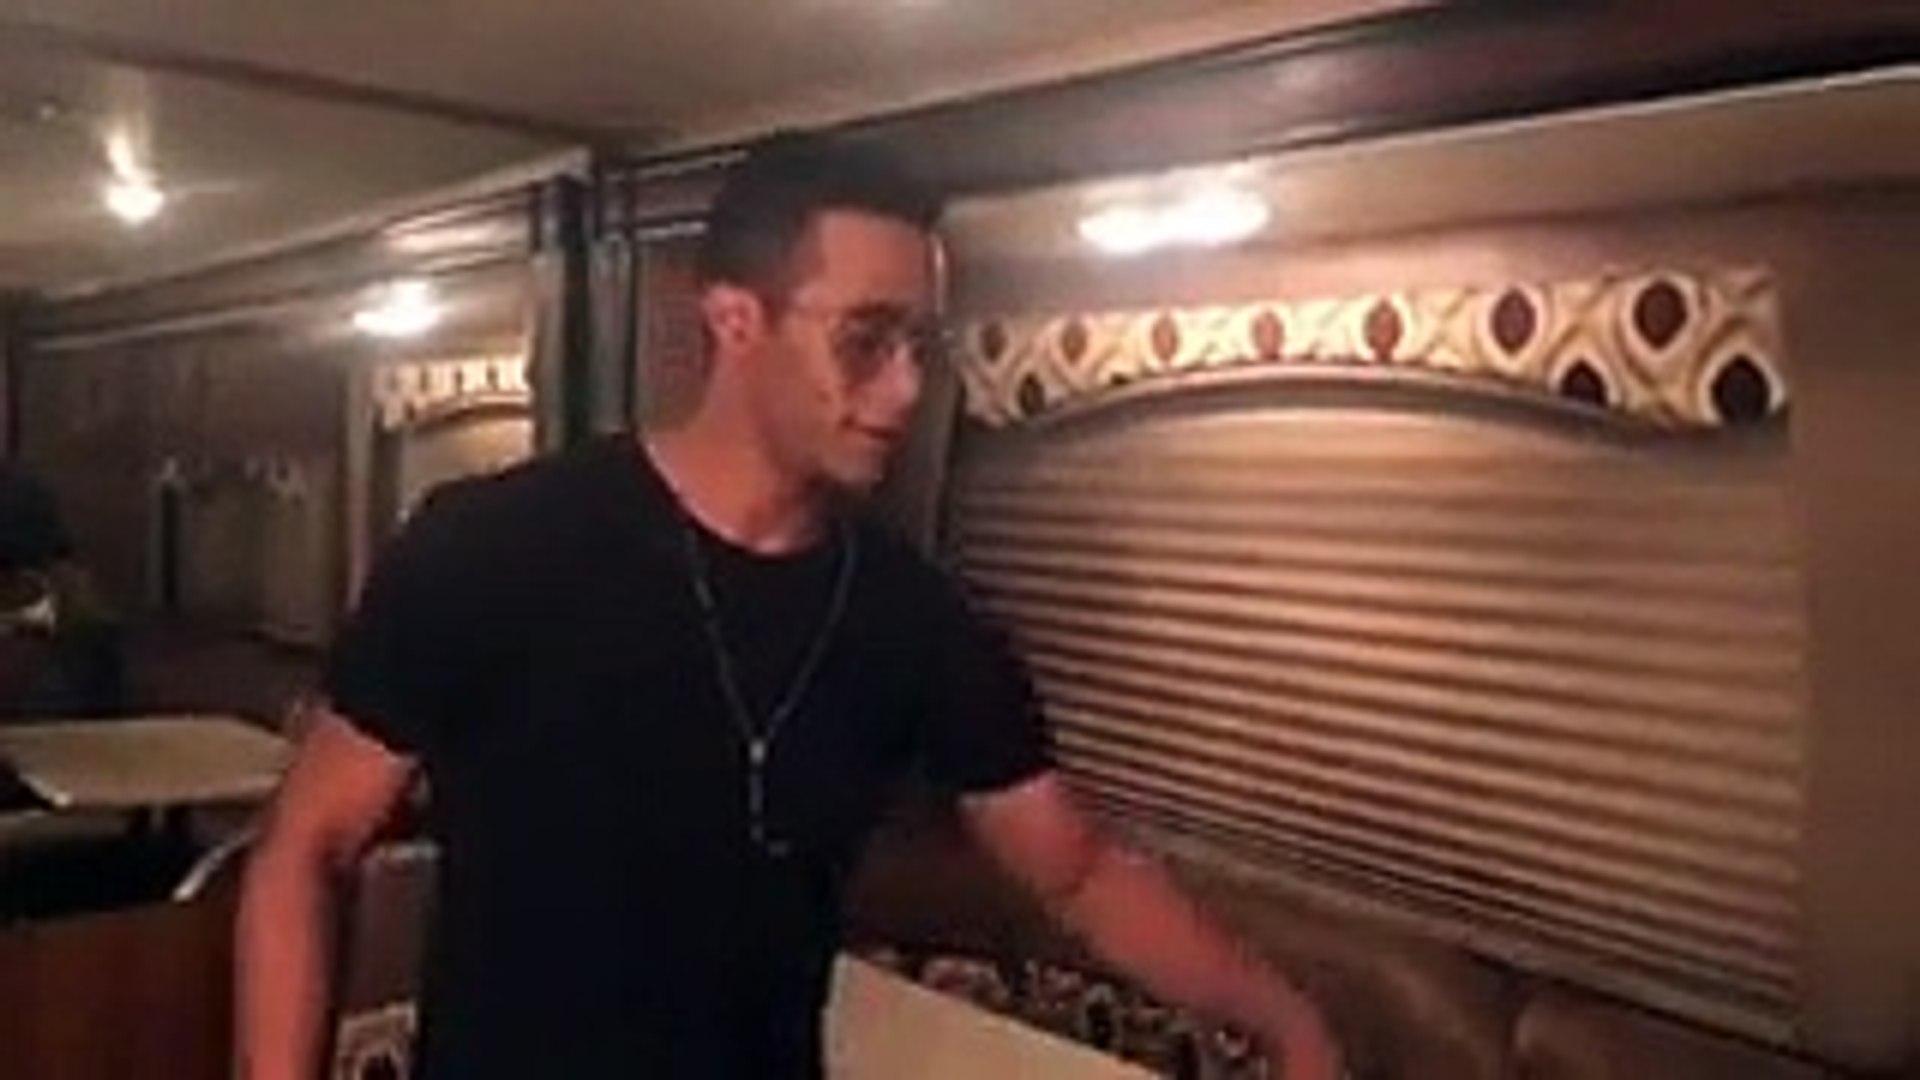 محمد رمضان يتسلم جائزة من يوتيوب